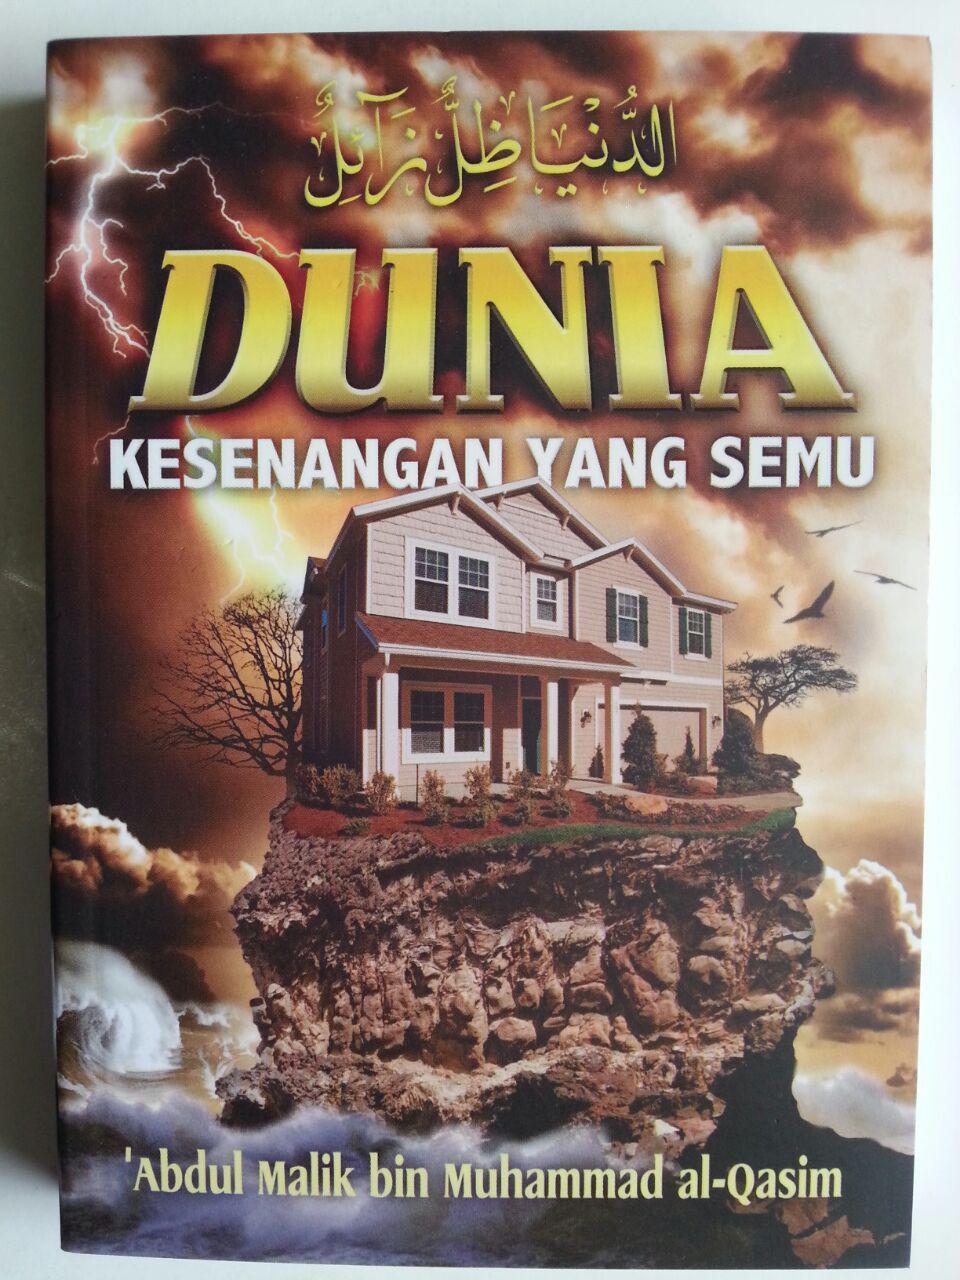 Buku Dunia Kesenangan Yang Semu cover 2